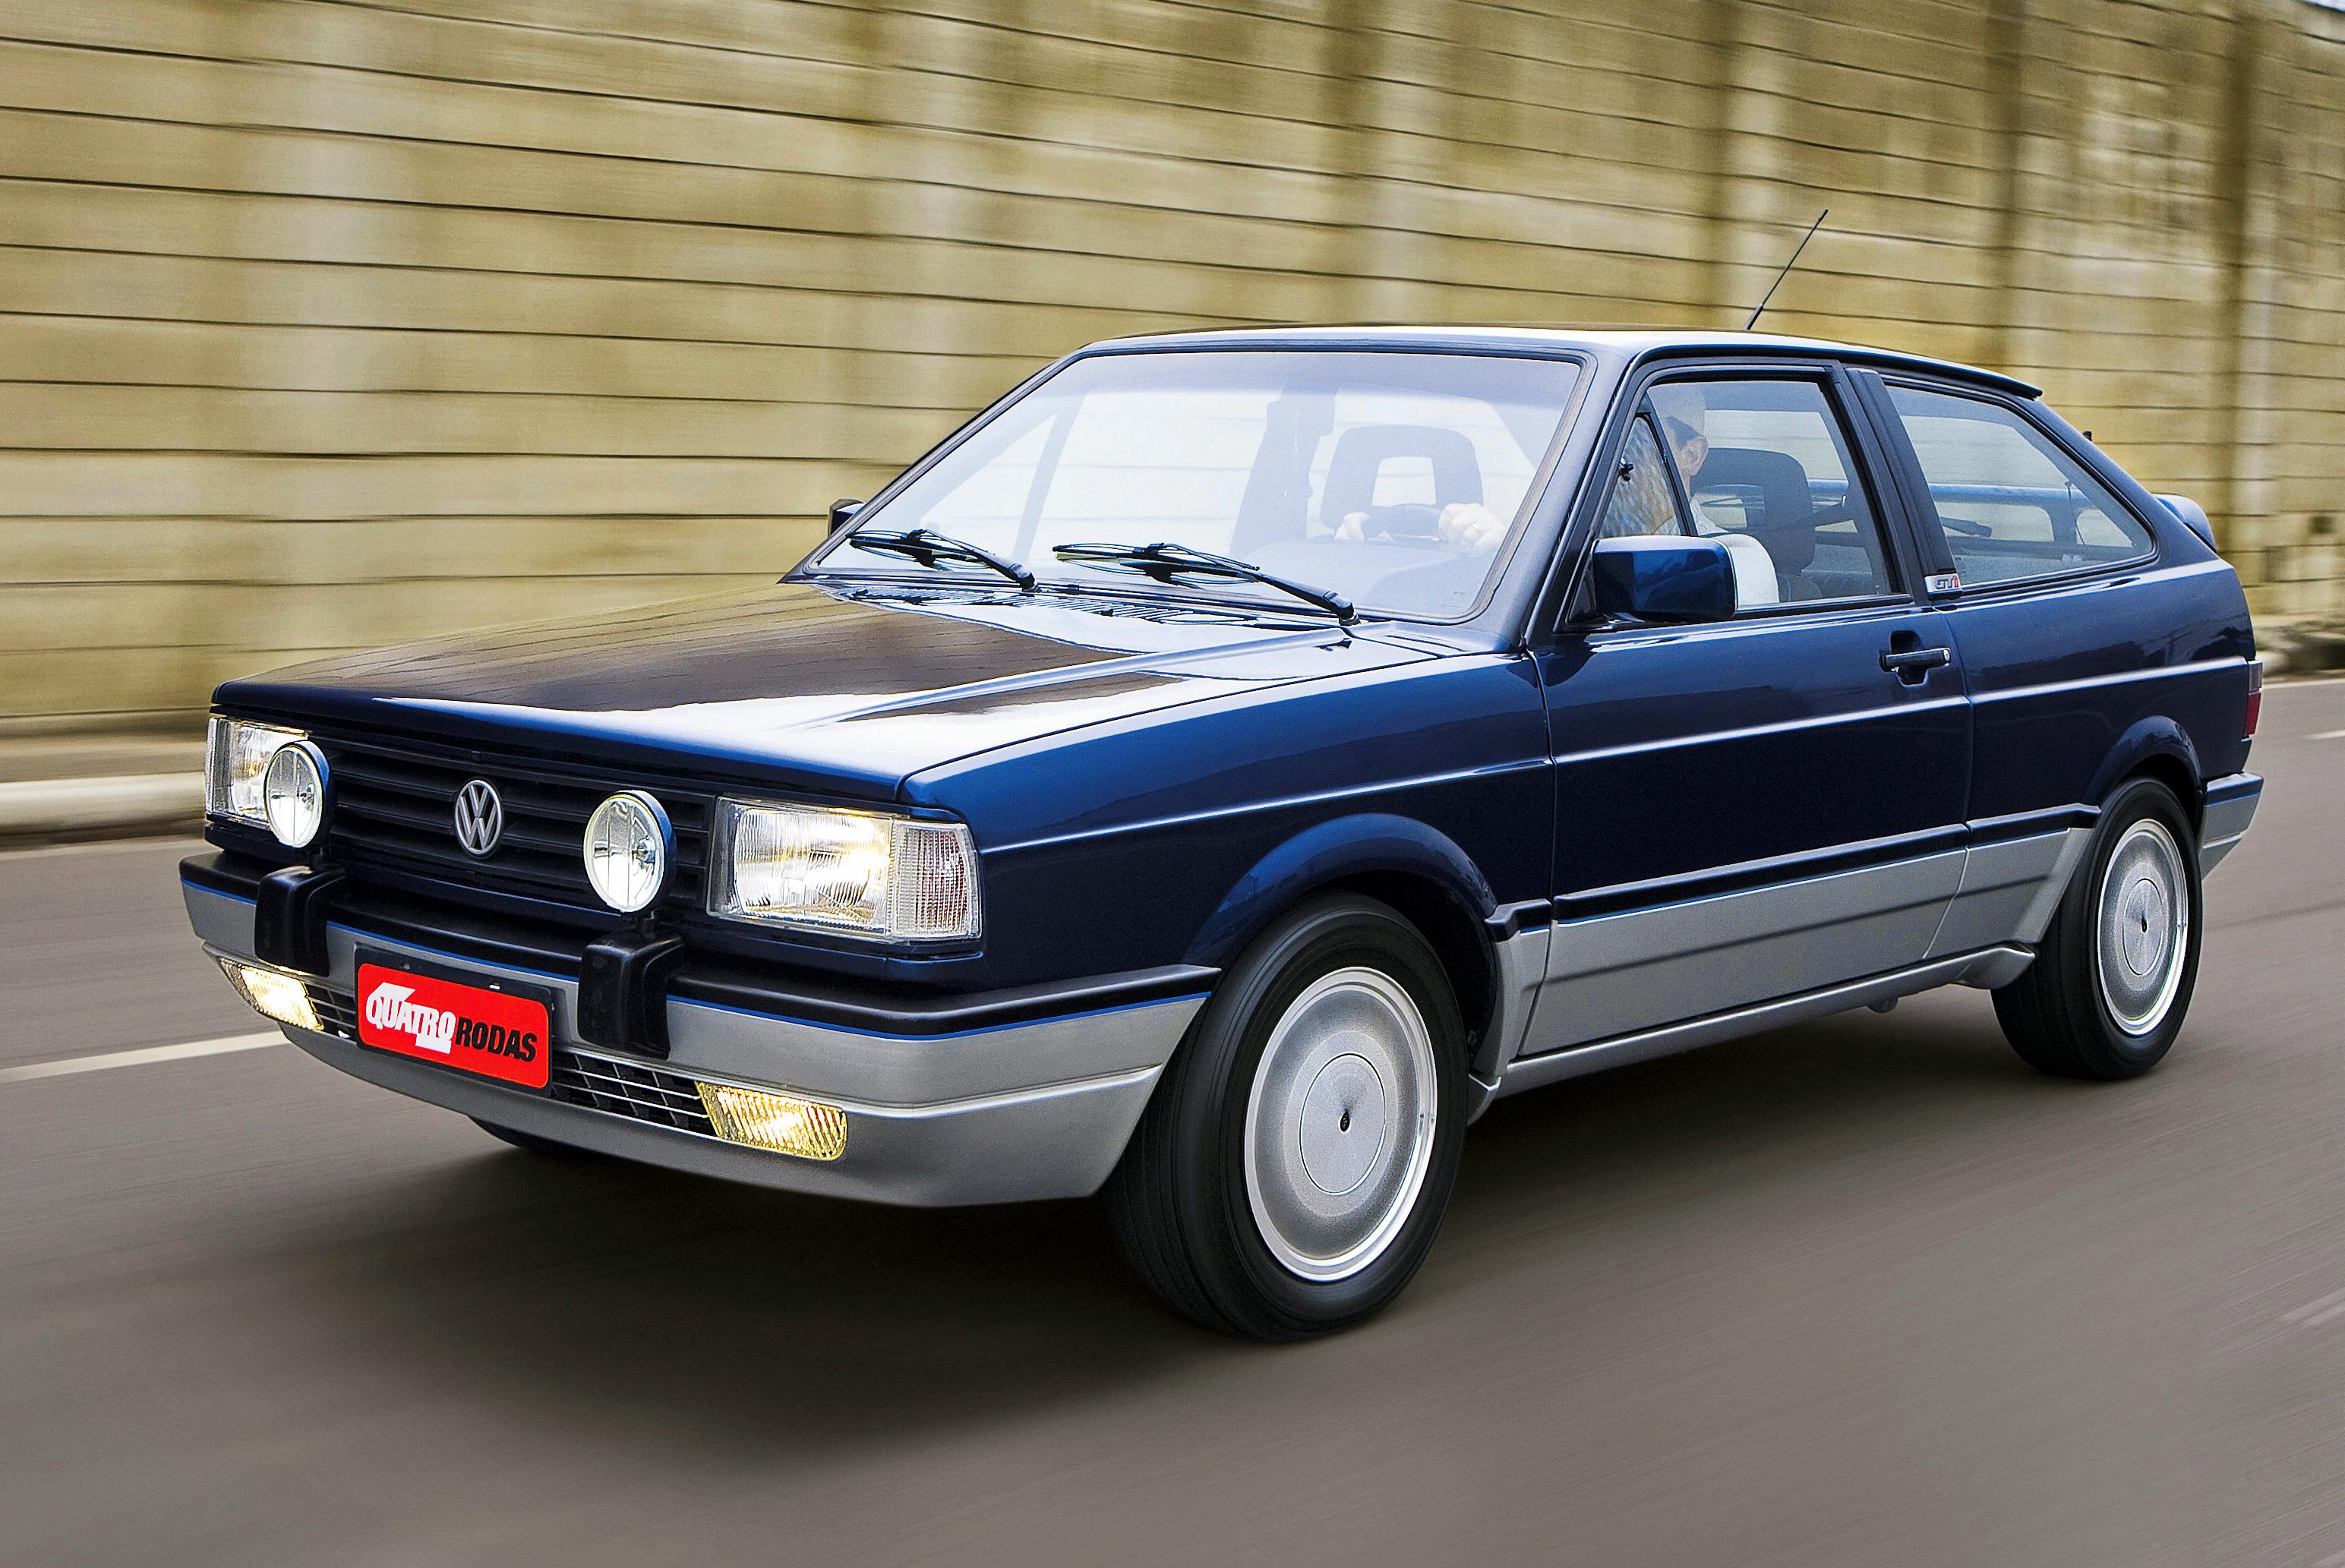 A injeção Bosch LE-Jetronic não era tão moderna, mas valeu pelo pioneirismo. O GTi teve o mérito de acelerar a chegada da tecnologia aos concorrentes. E acelerar era com ele